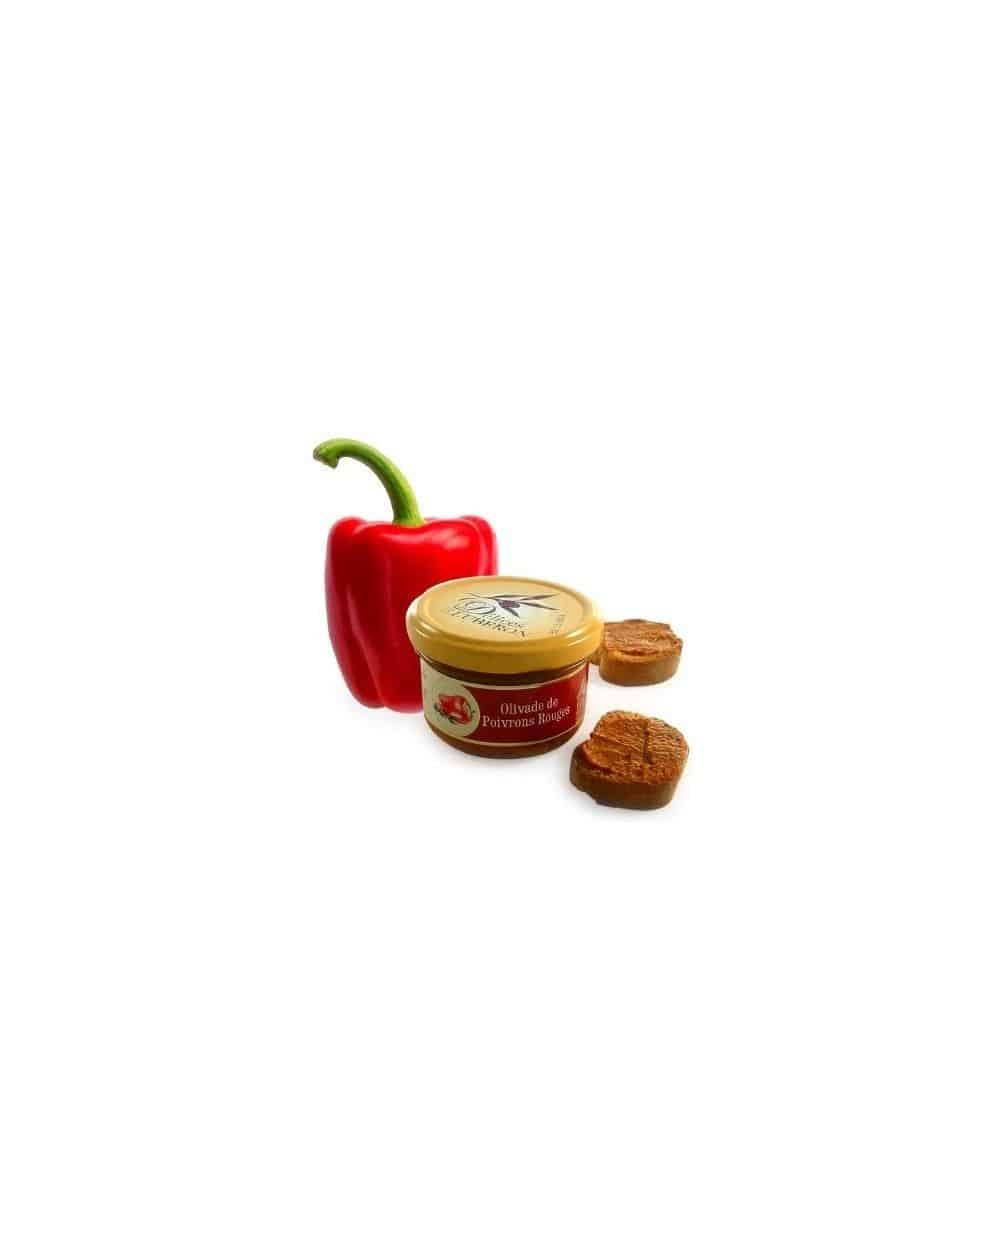 Délice de poivrons rouges 90g